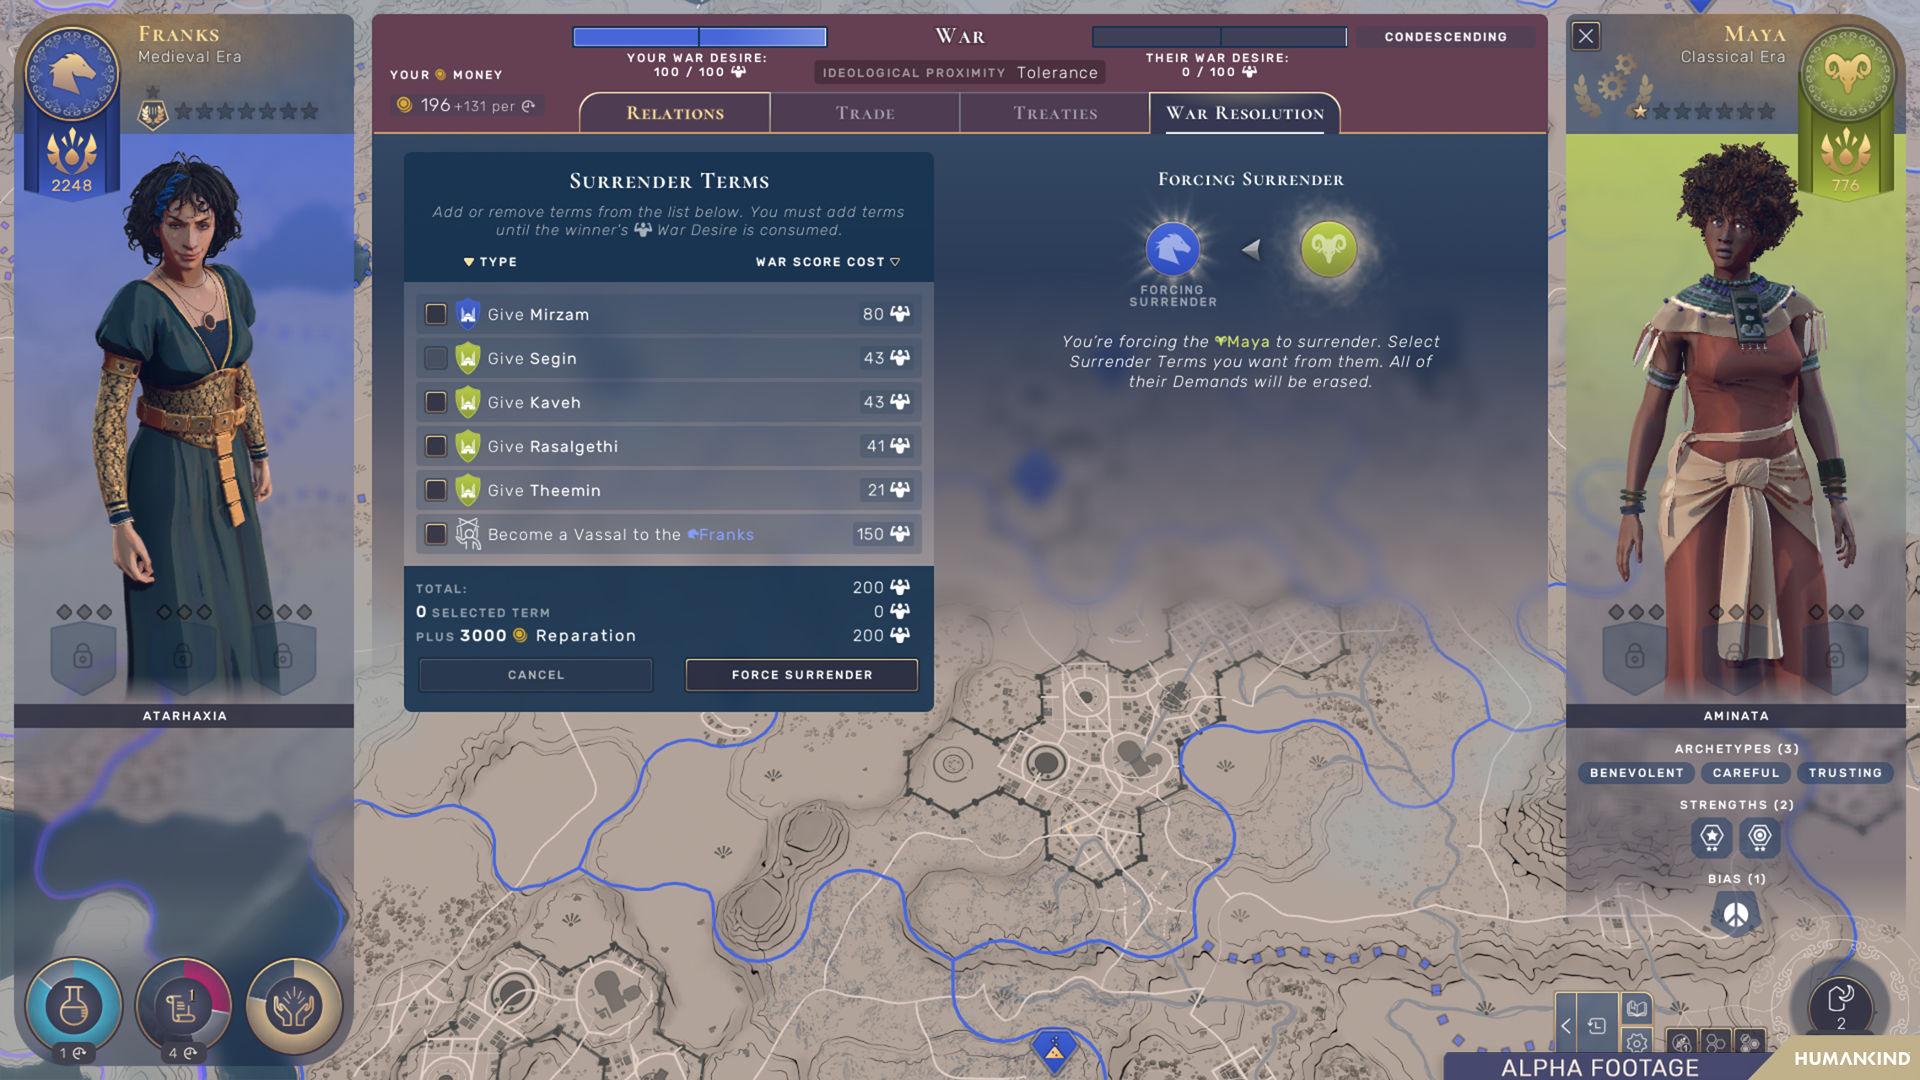 FF11_War_Surrender.jpg